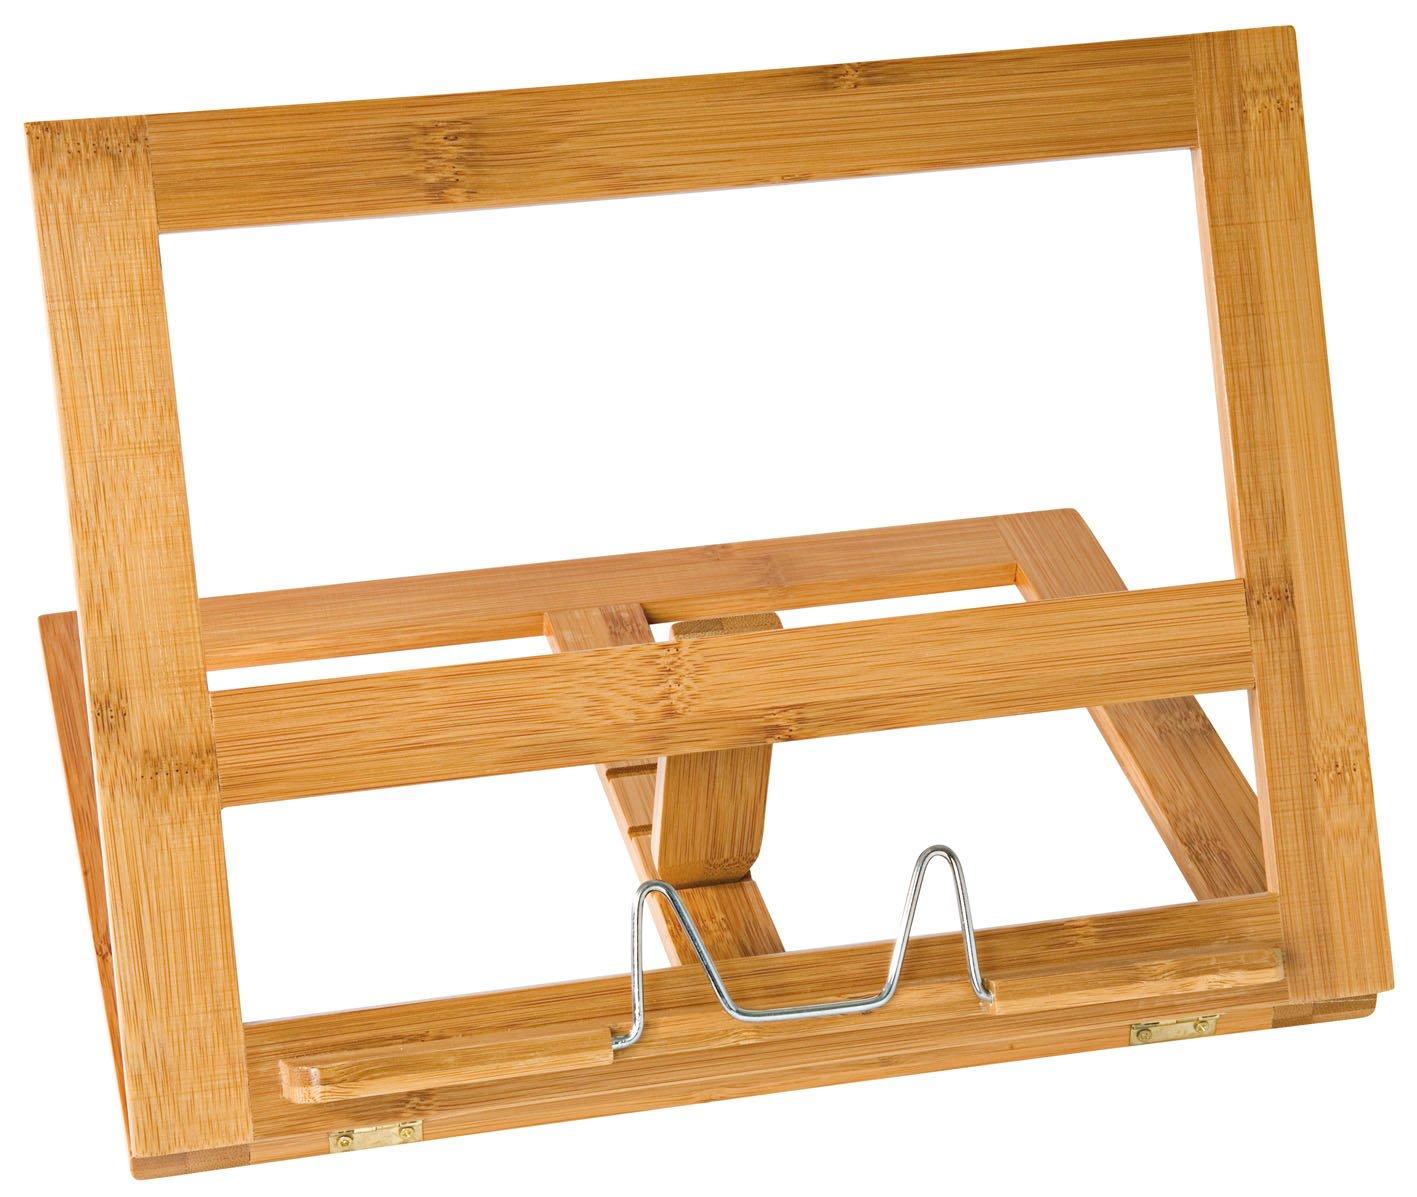 Wedo 2113107 Buchständer Holz Bambus große (ausführung) braun